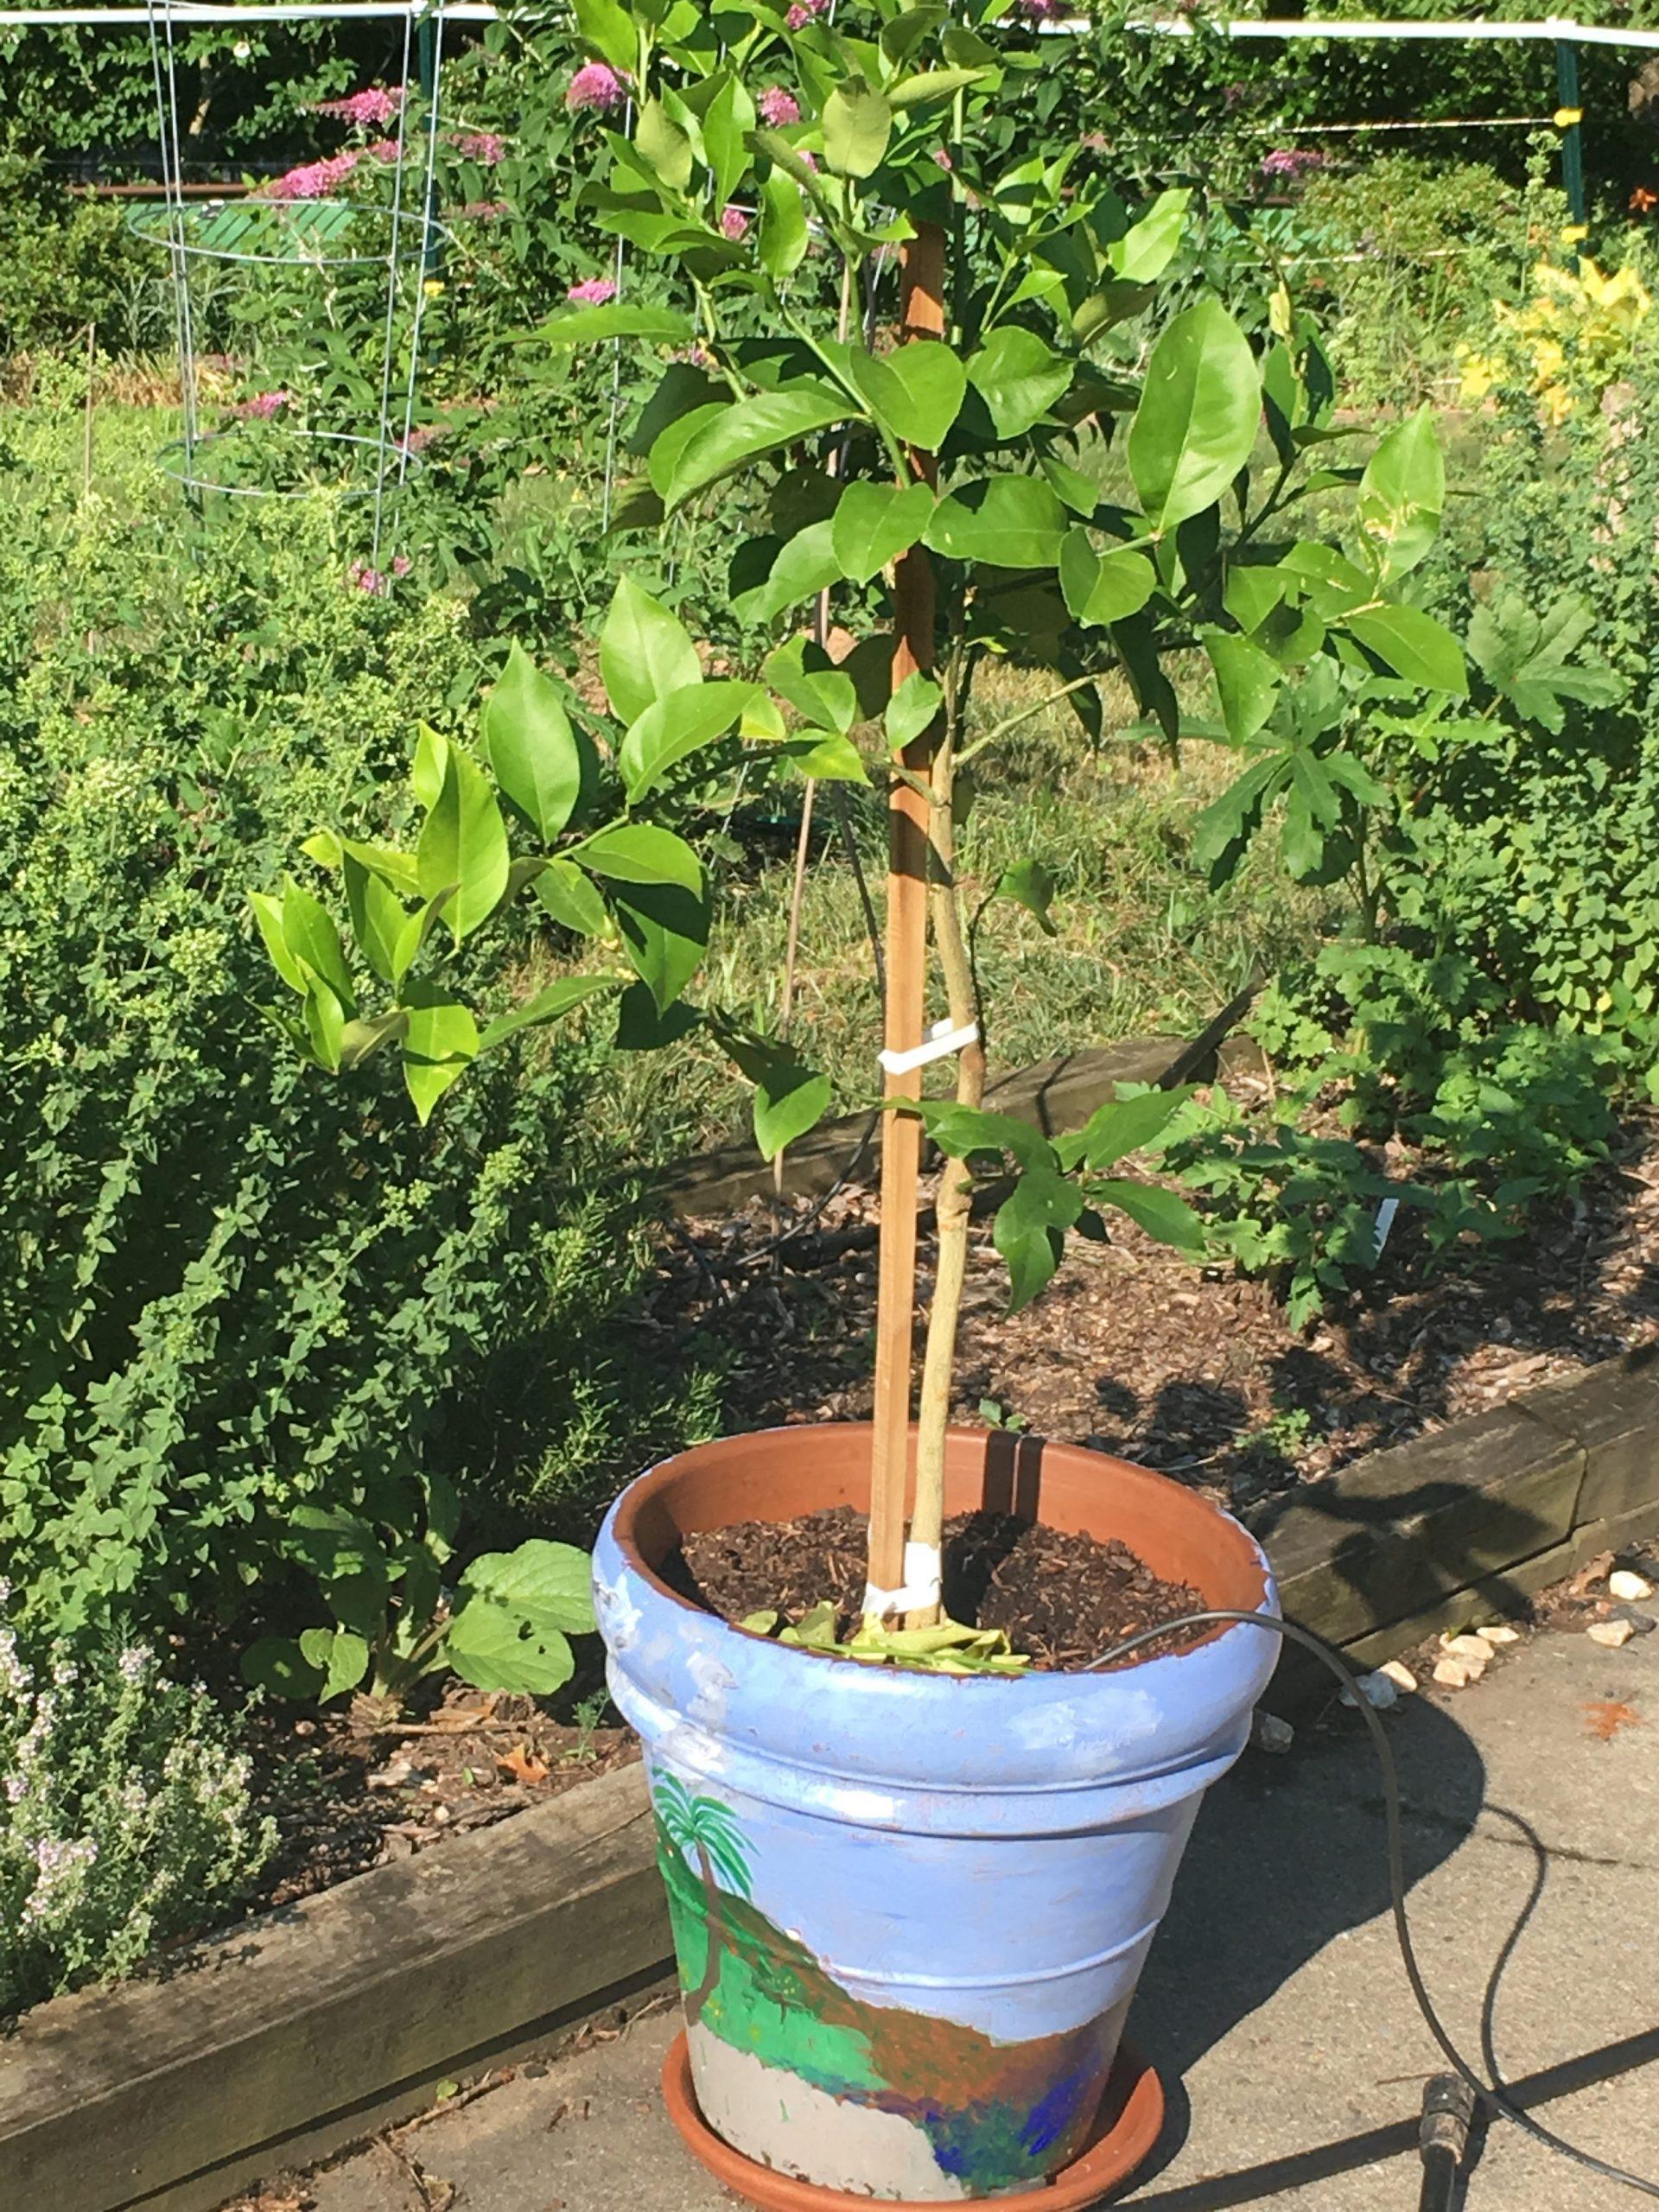 Lemon tree enjoys summer sun in front of one of 3 herb gardens